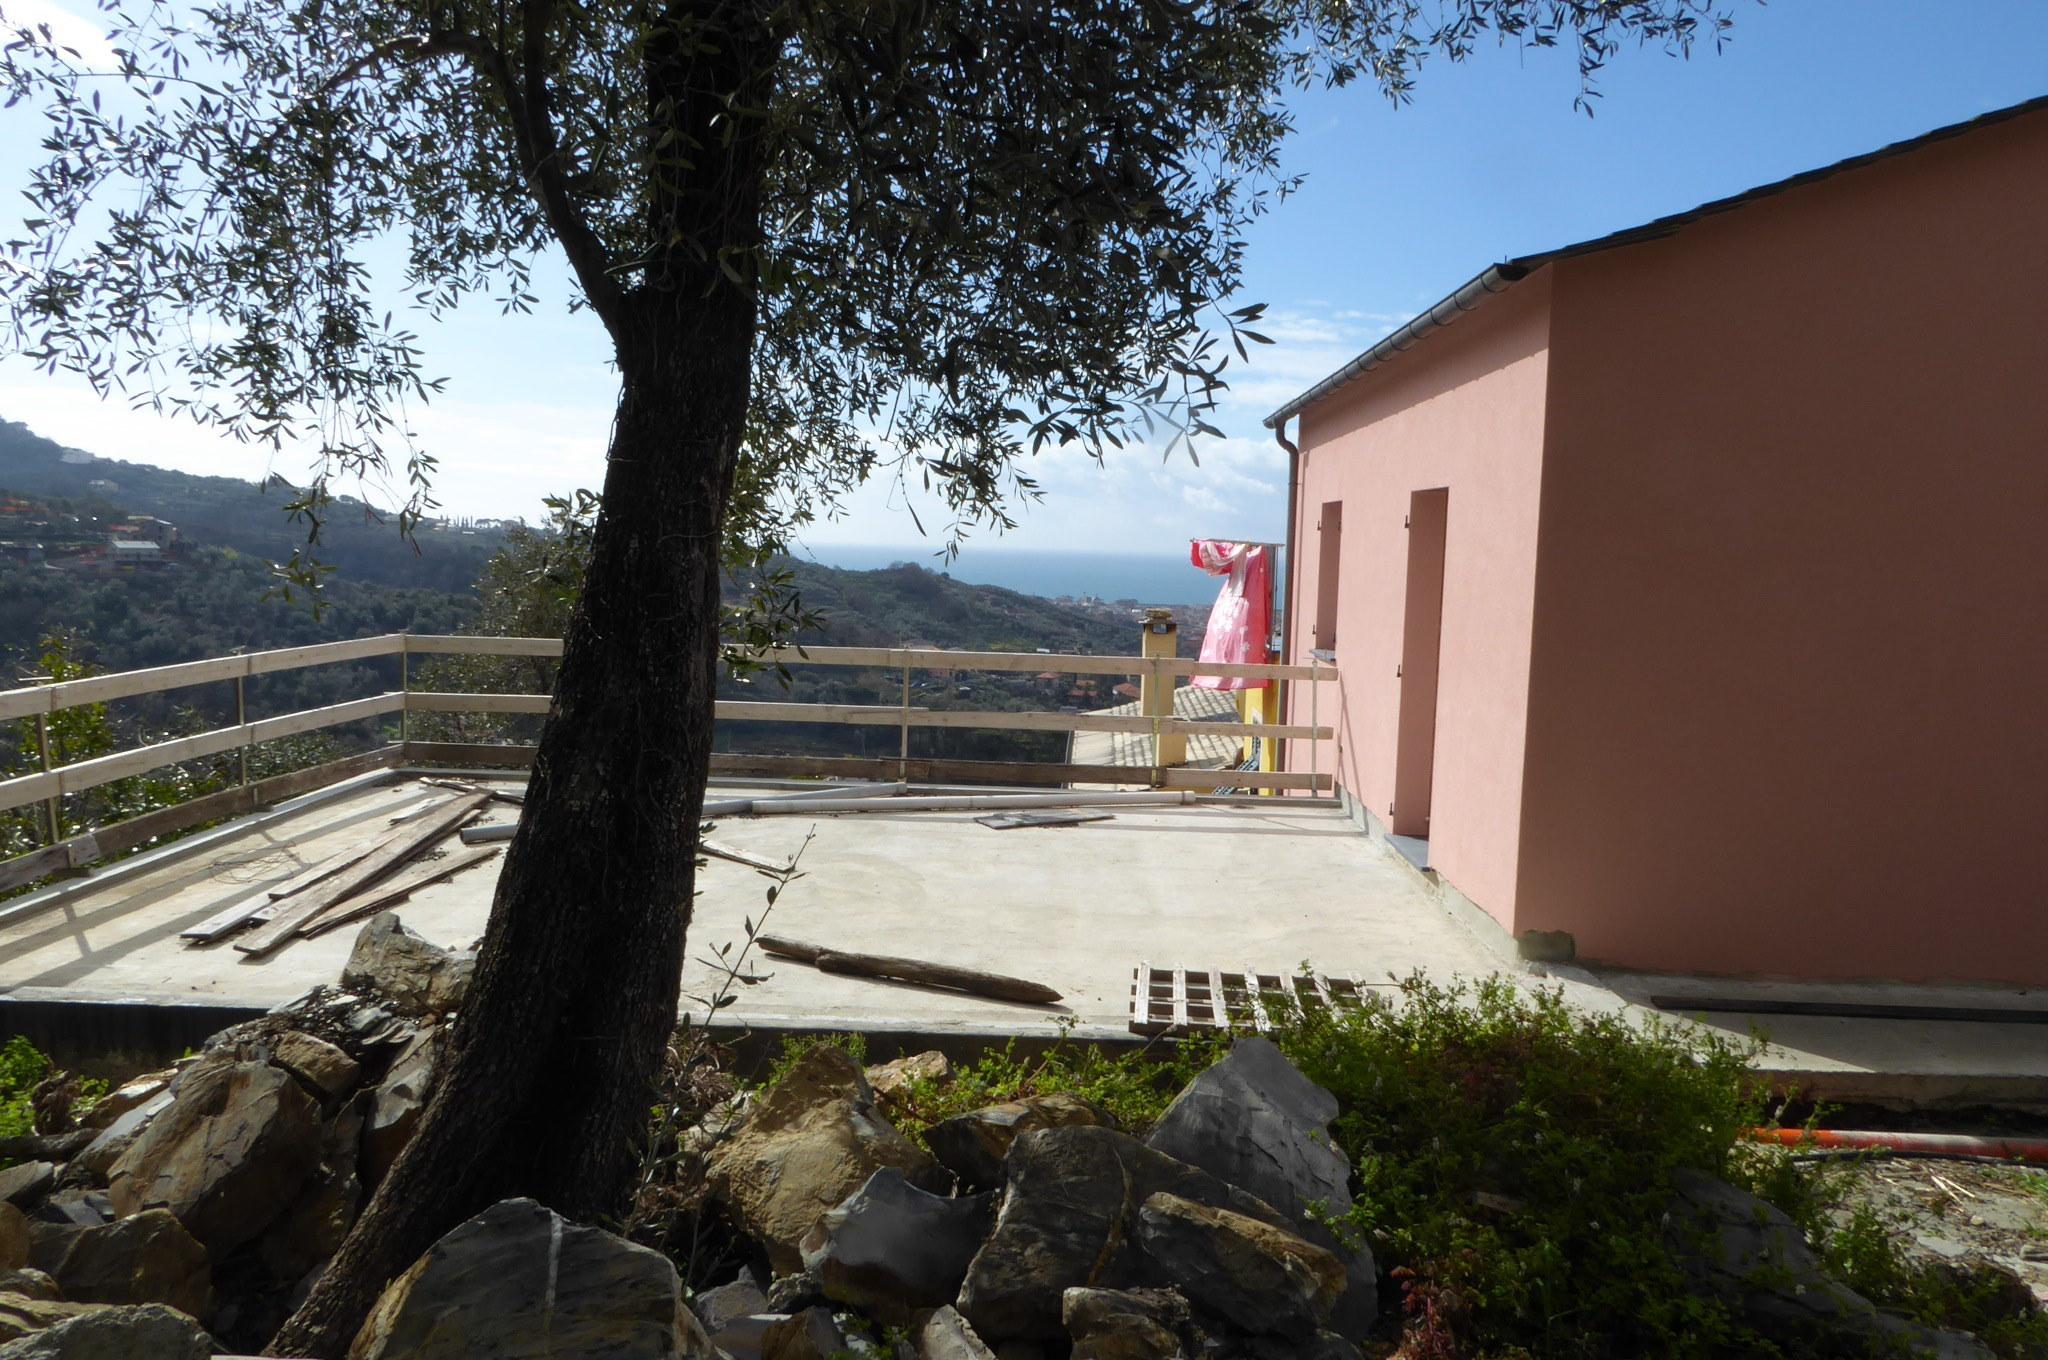 Codice 07006 case villa o casa indipendente in vendita a leivi immobiliare il perimetro - Valutazione immobile casa it ...